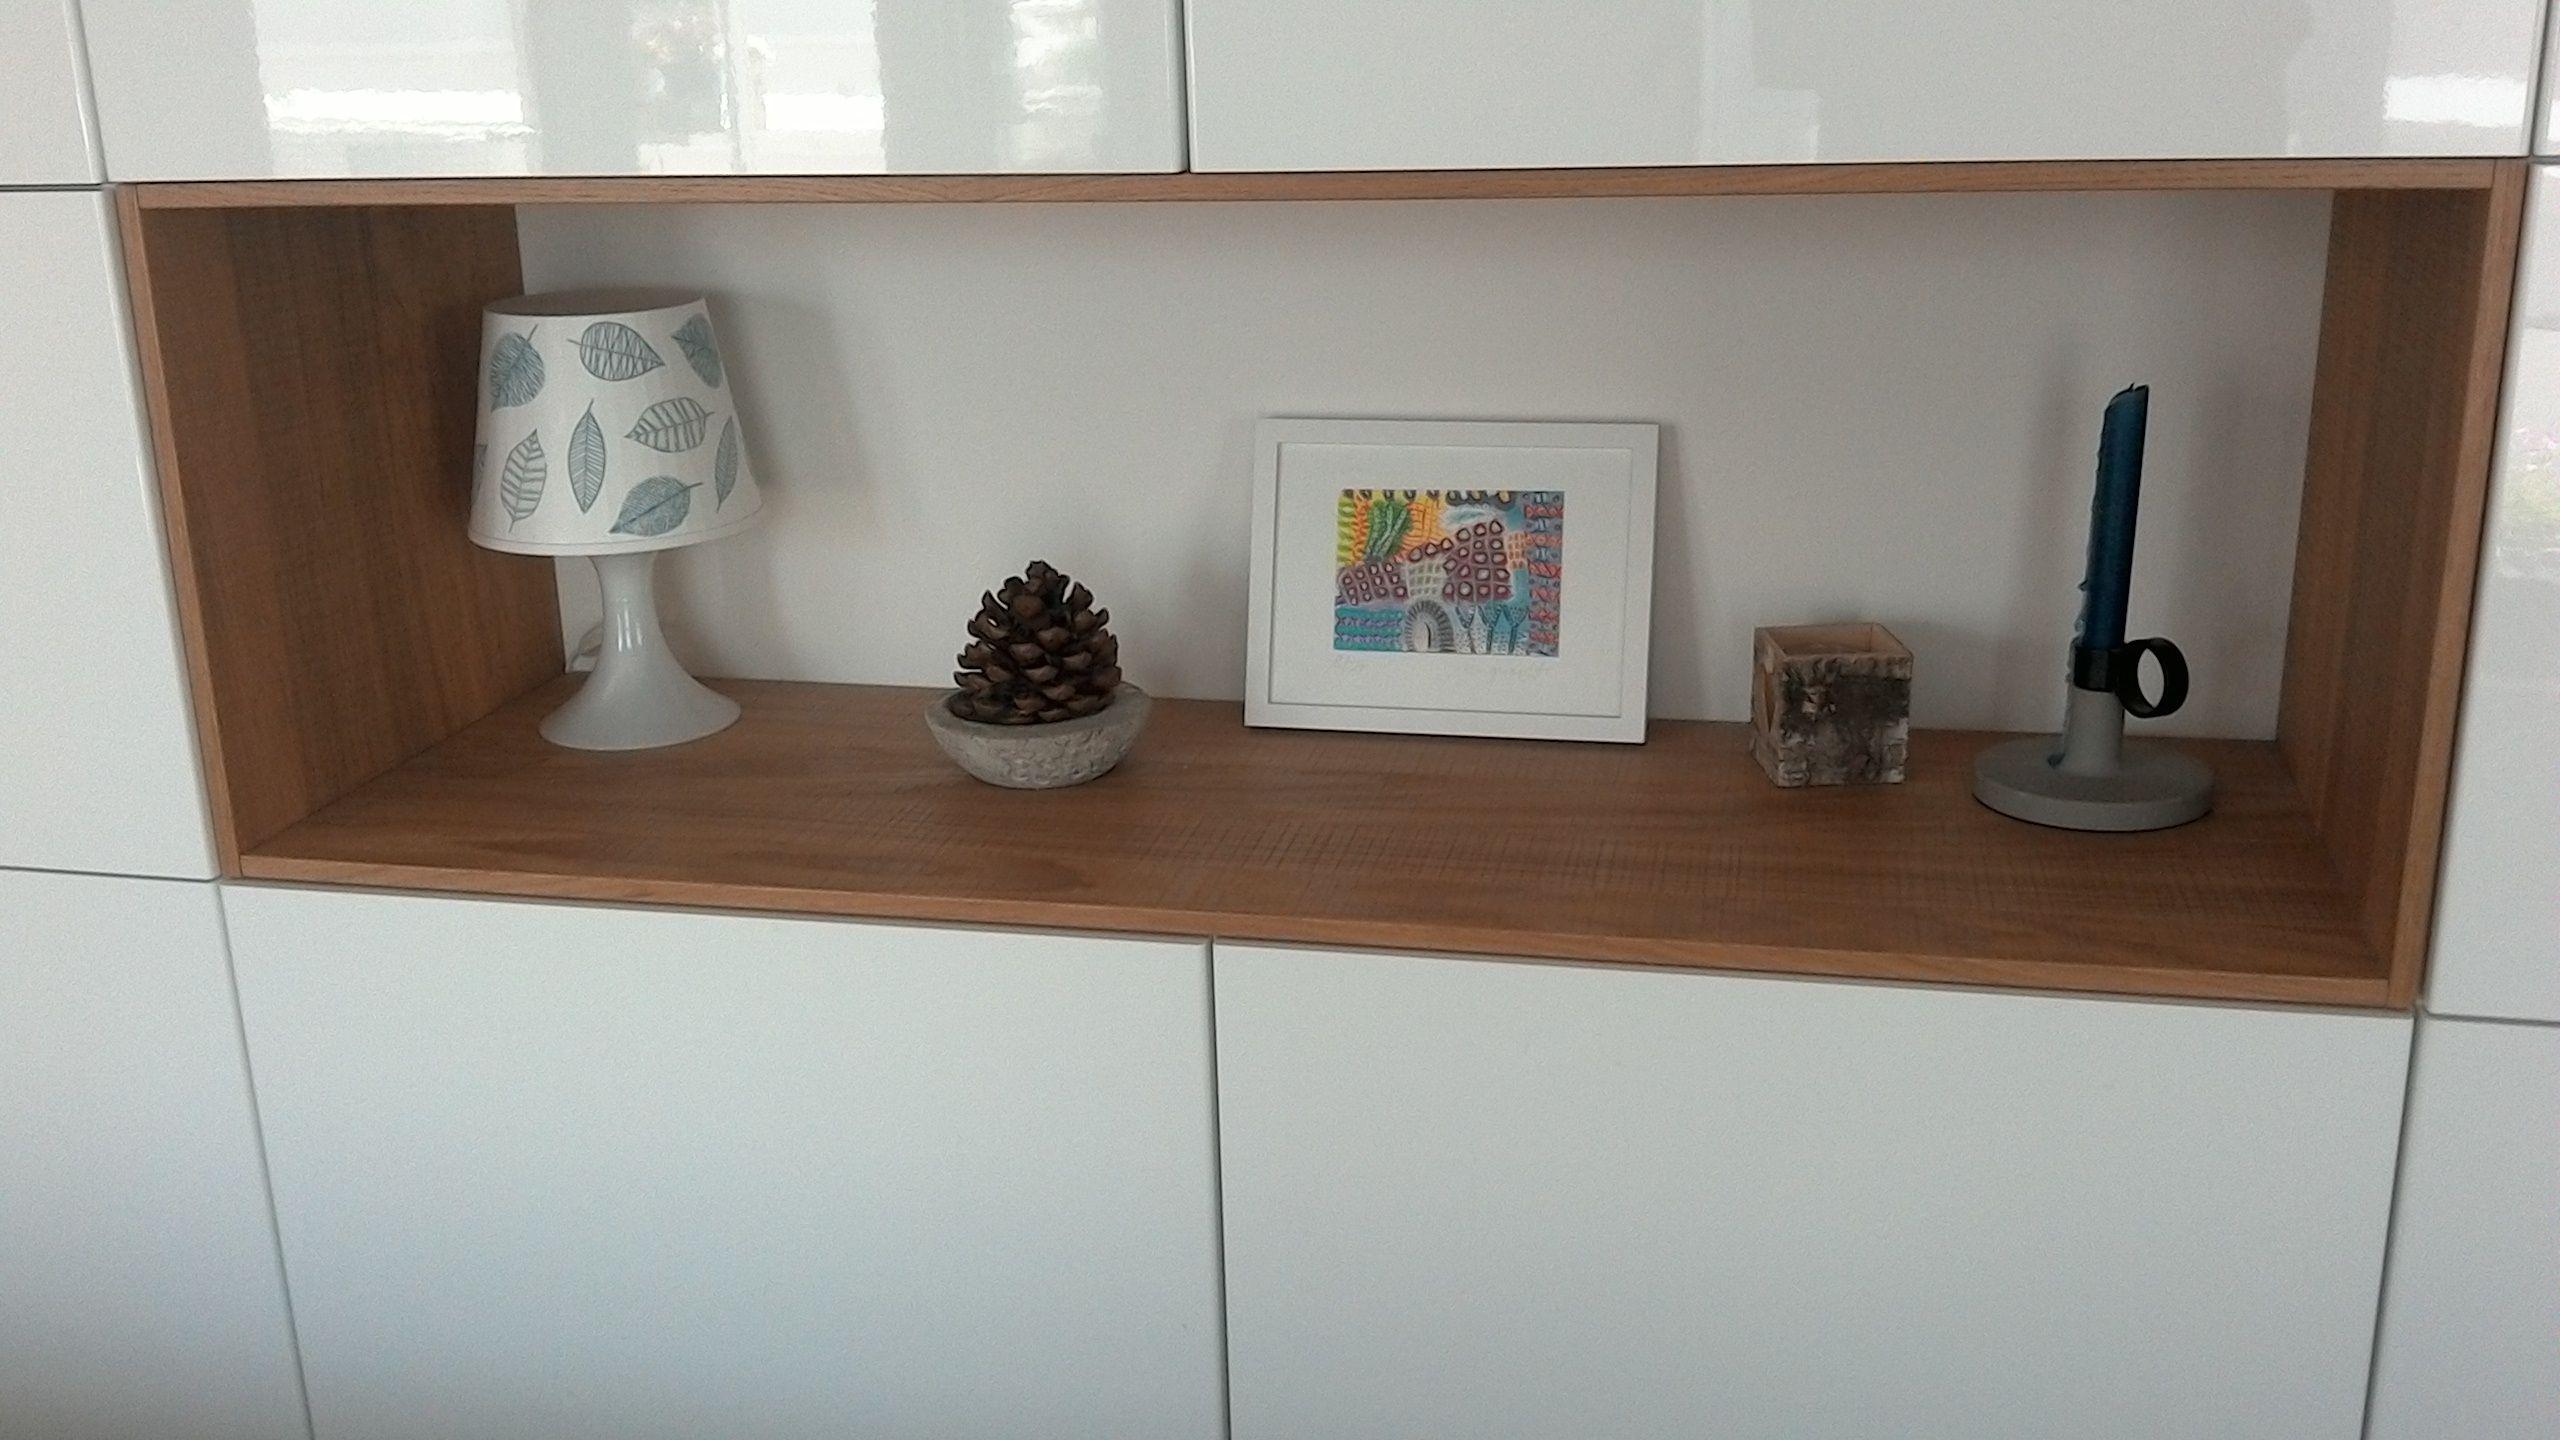 Ikea Method Ringhult plus Hyttan als Wohnzimmerschrank | Meine Ikea ...